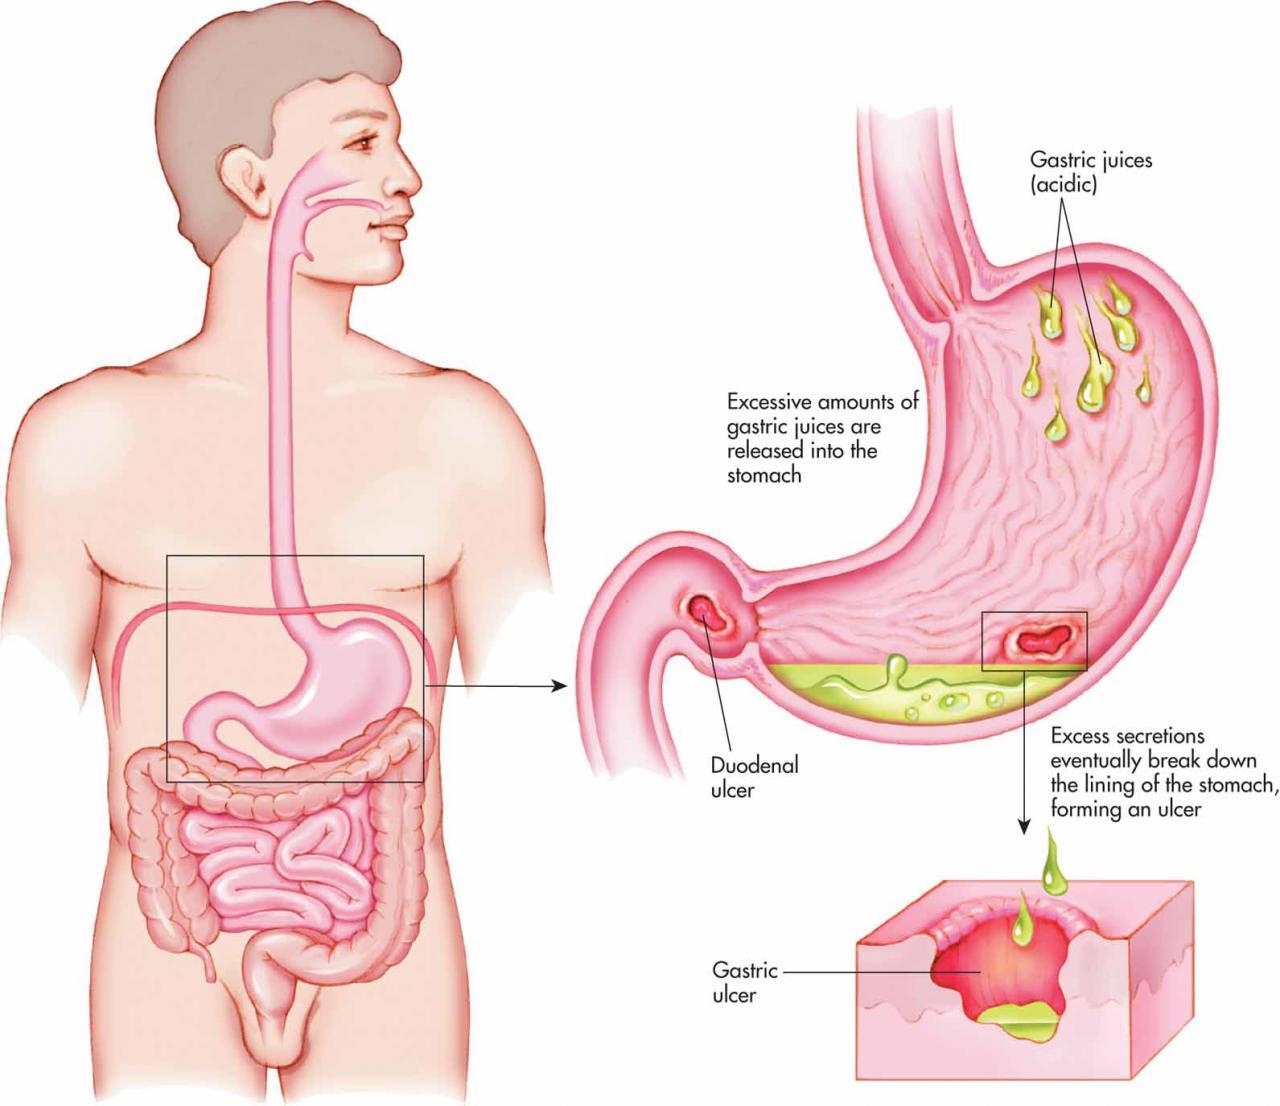 صورة علاج قرحة المعدة بالاعشاب الطبيعية , كيفيه الوقاية من قرحه المعدة 12121 2